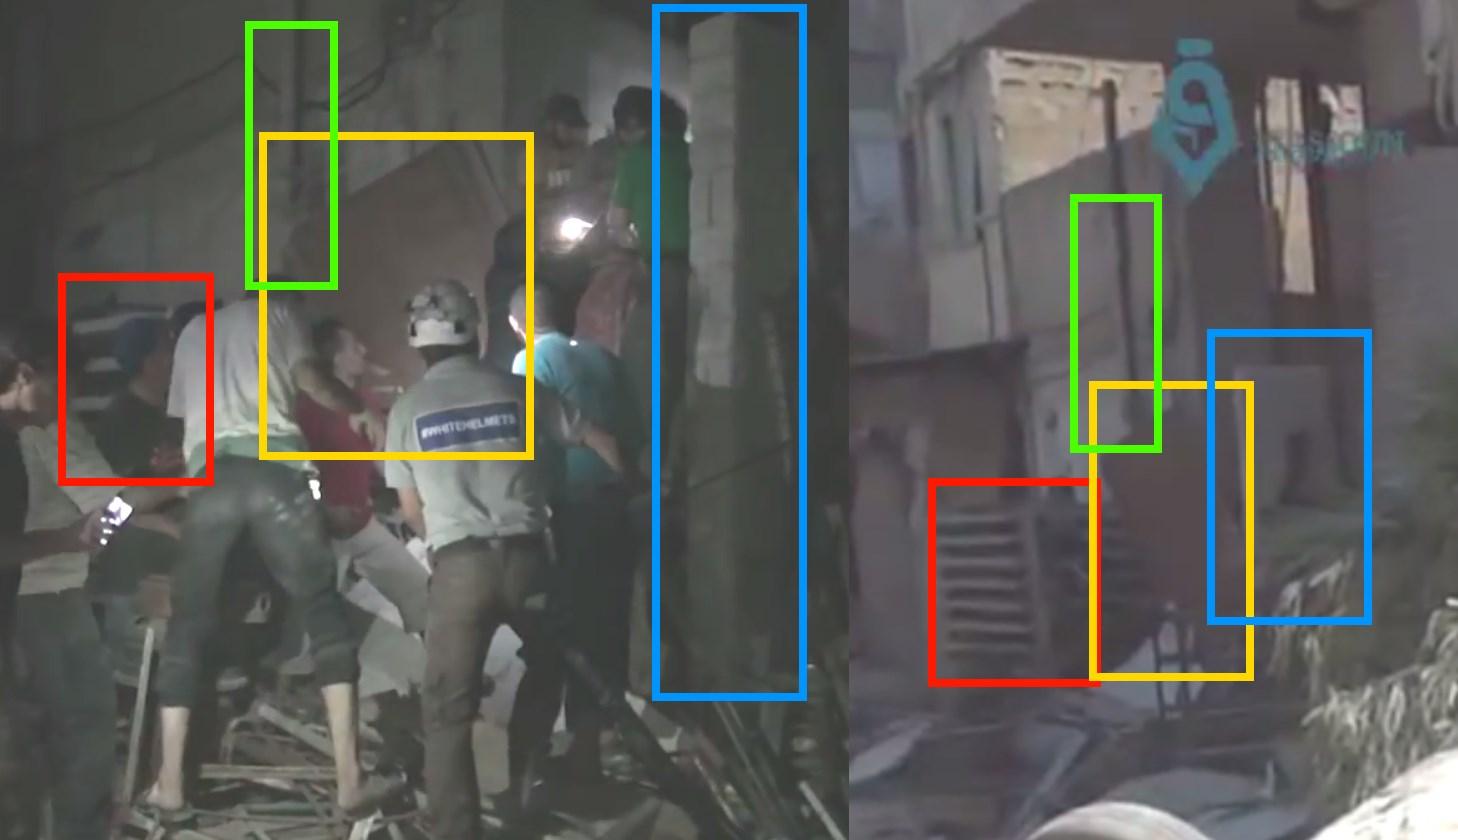 Comparison rescue location